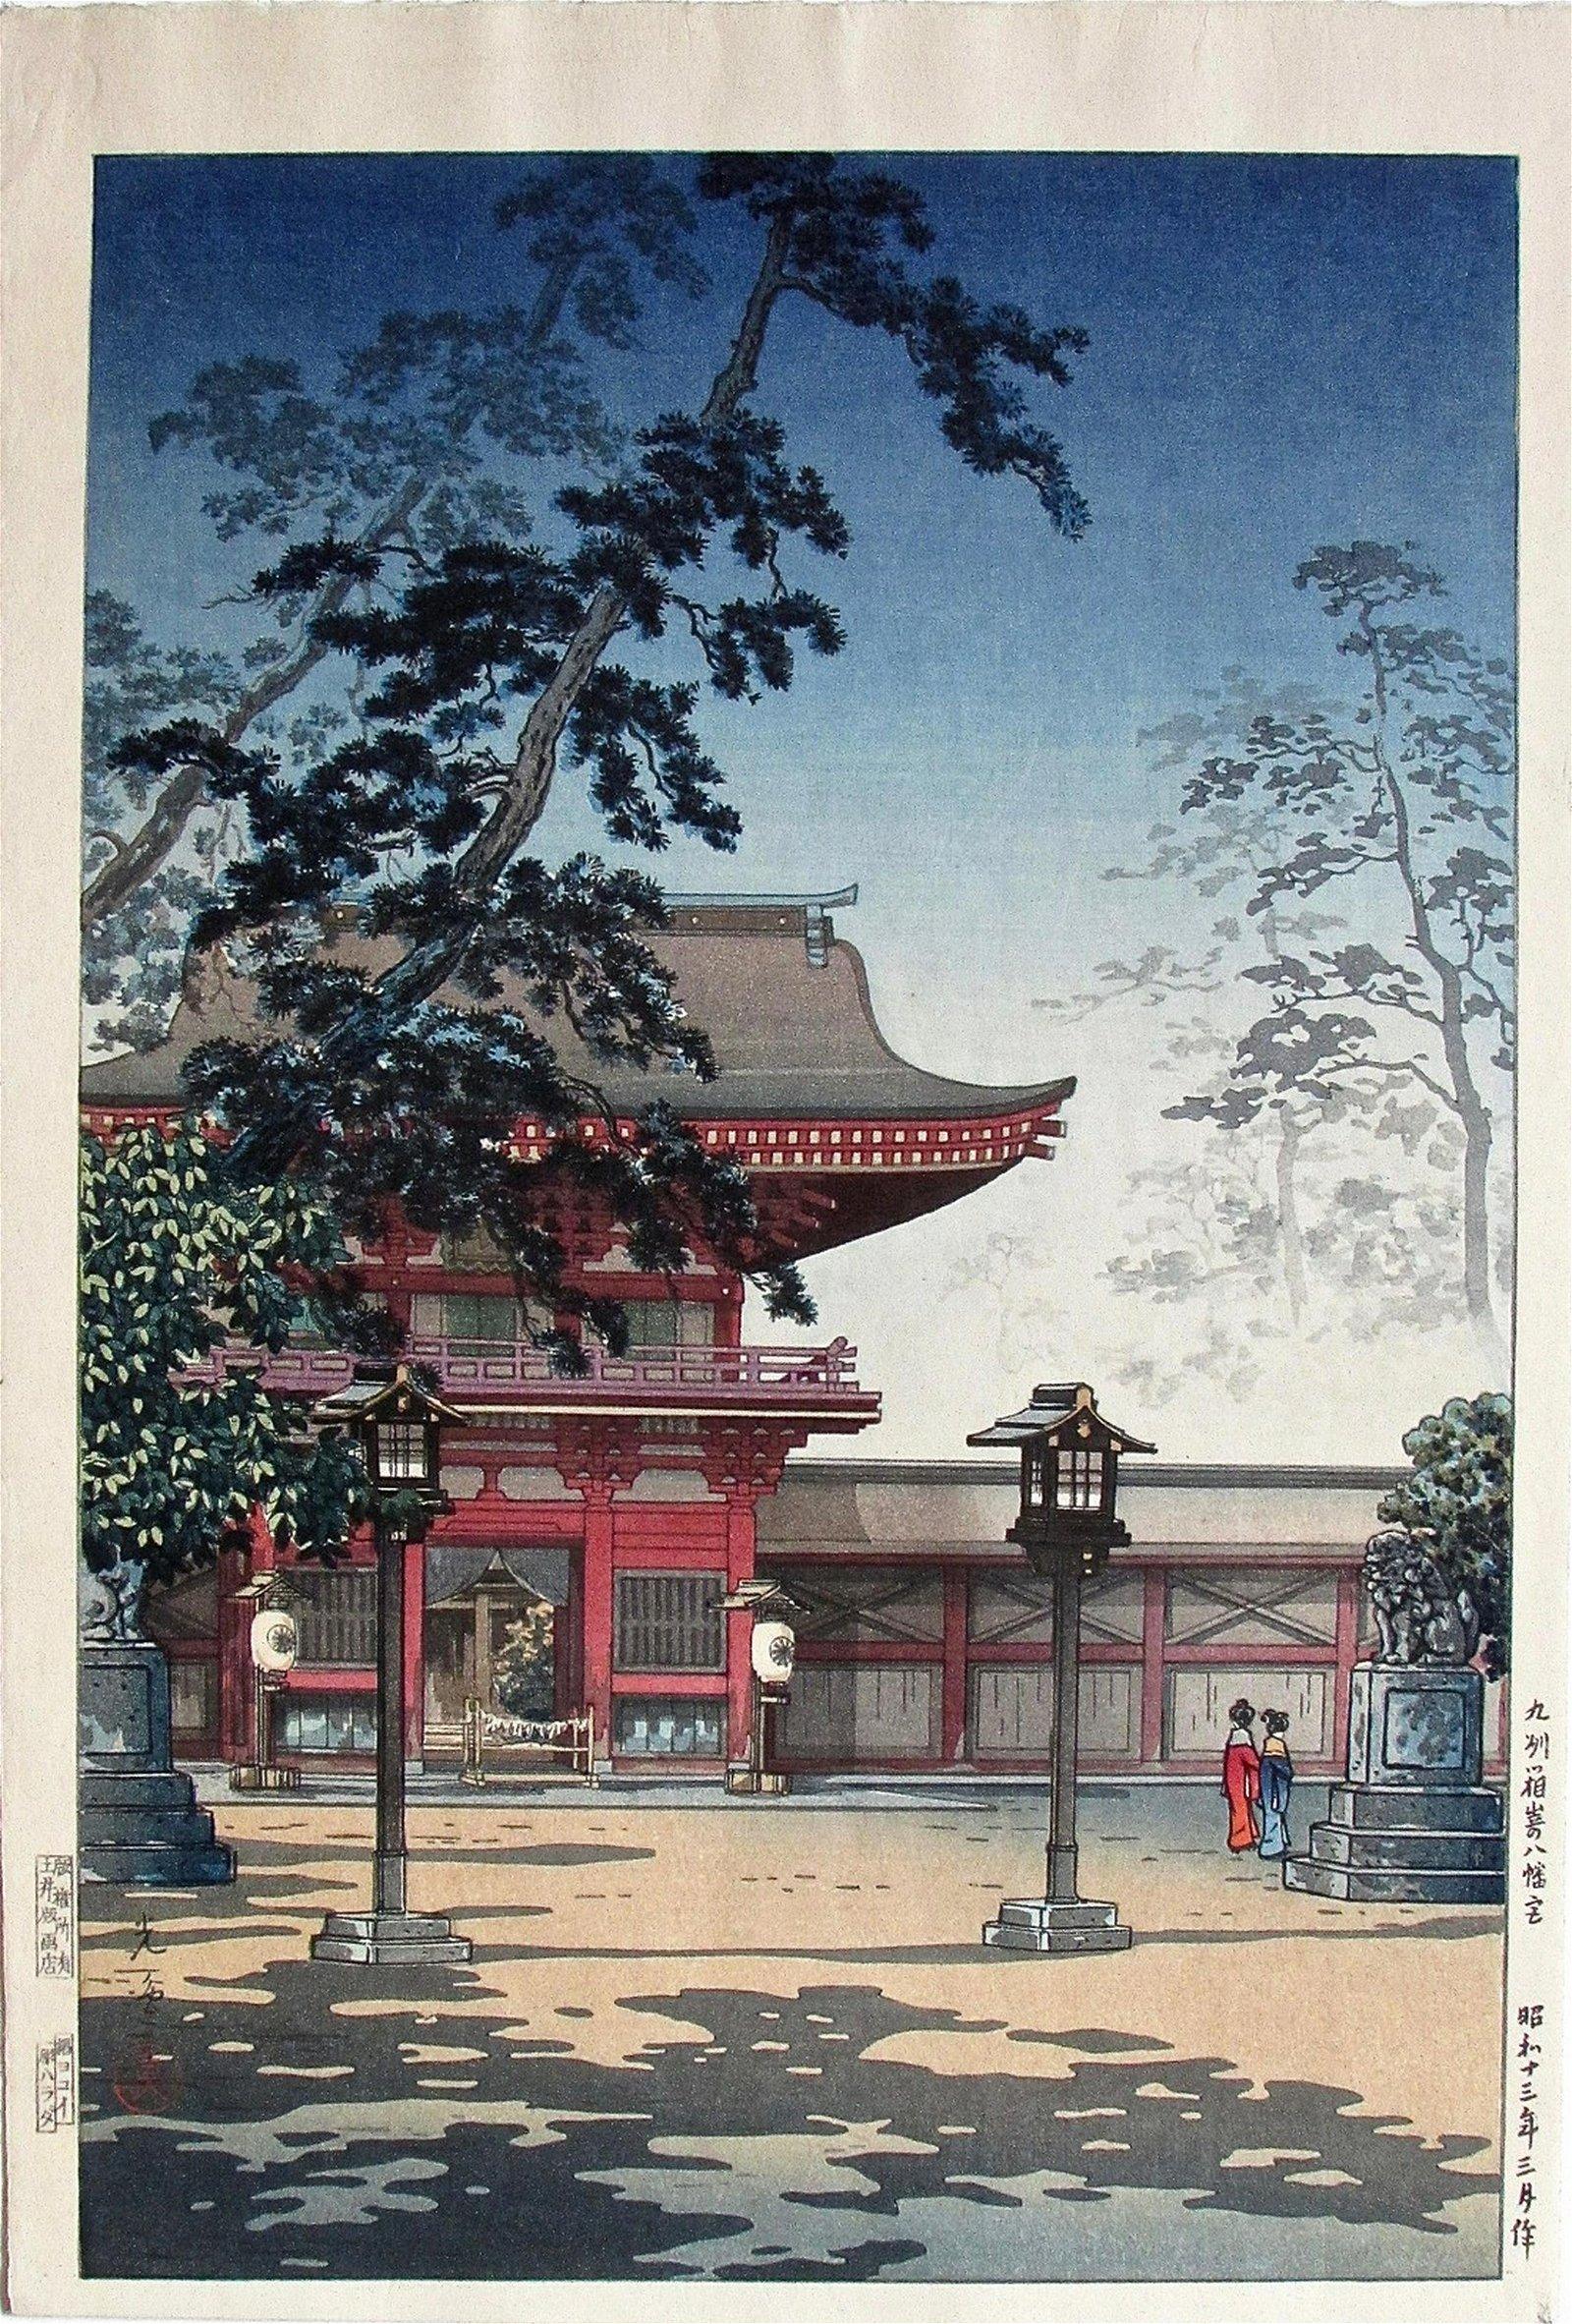 Koitsu: Kyushu Hakozaki Hachimangu Shrine